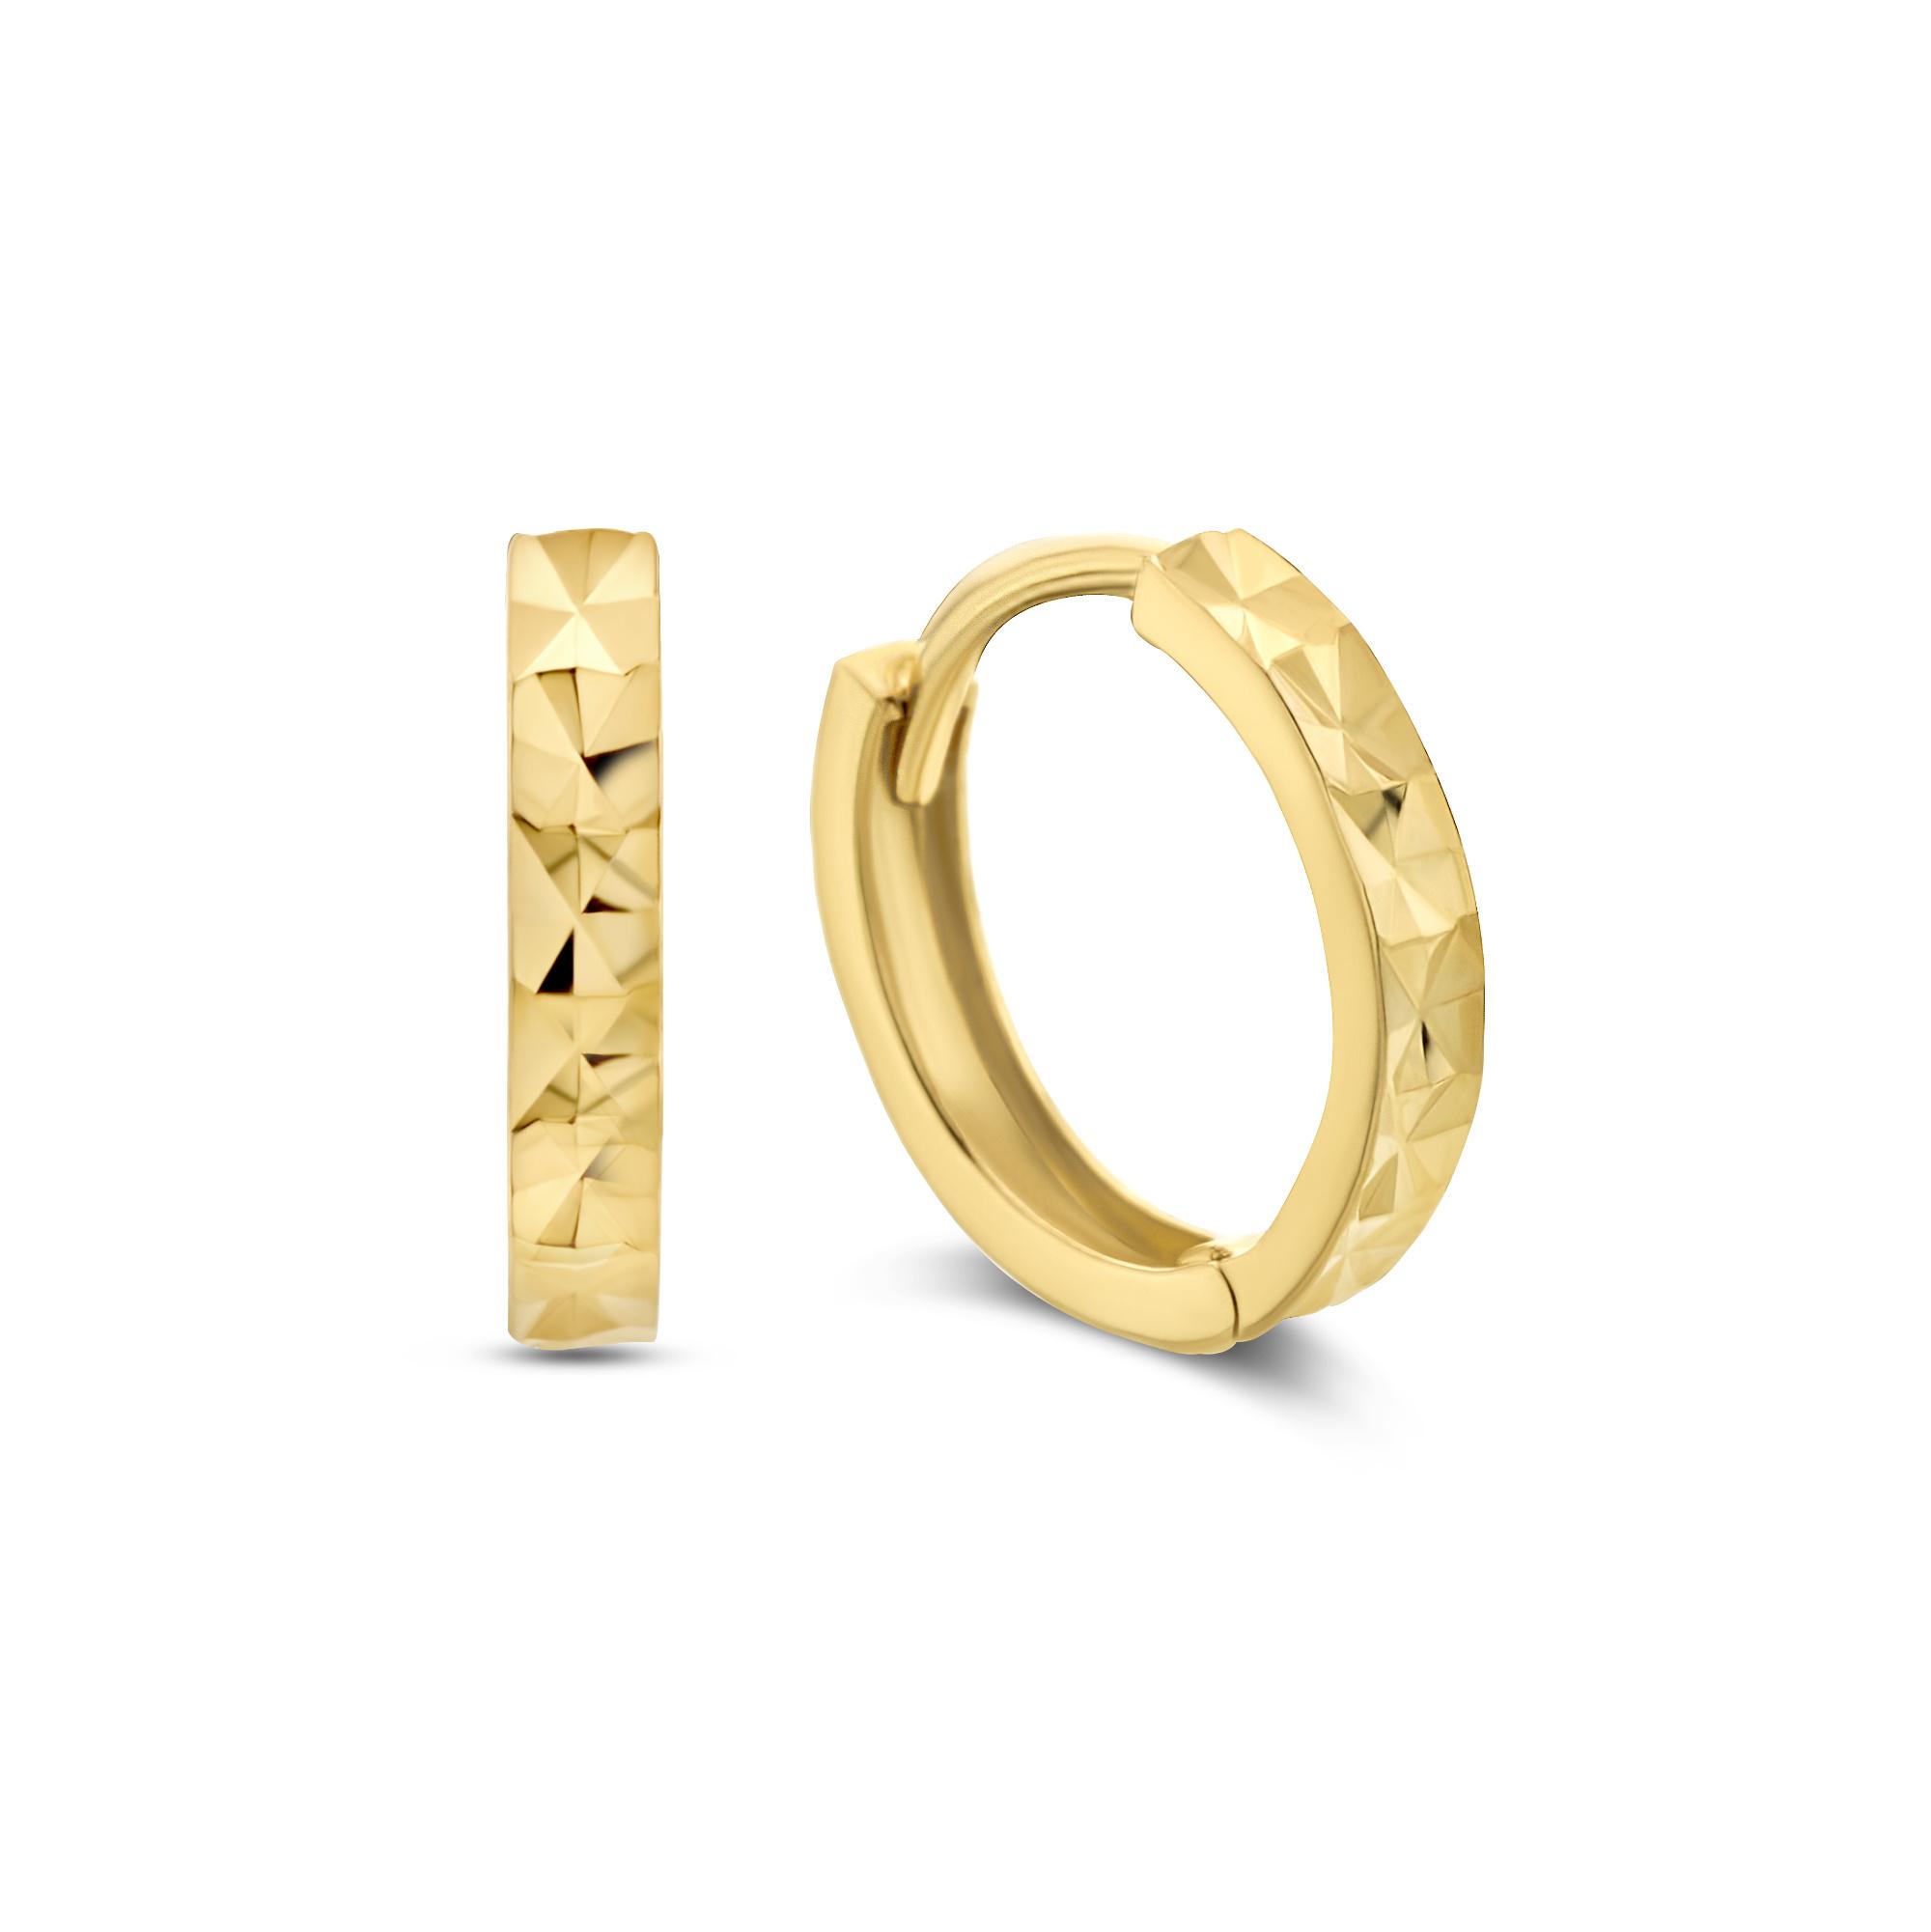 Isabel Bernard Rivoli Laure 14 karaat gouden creolen ring